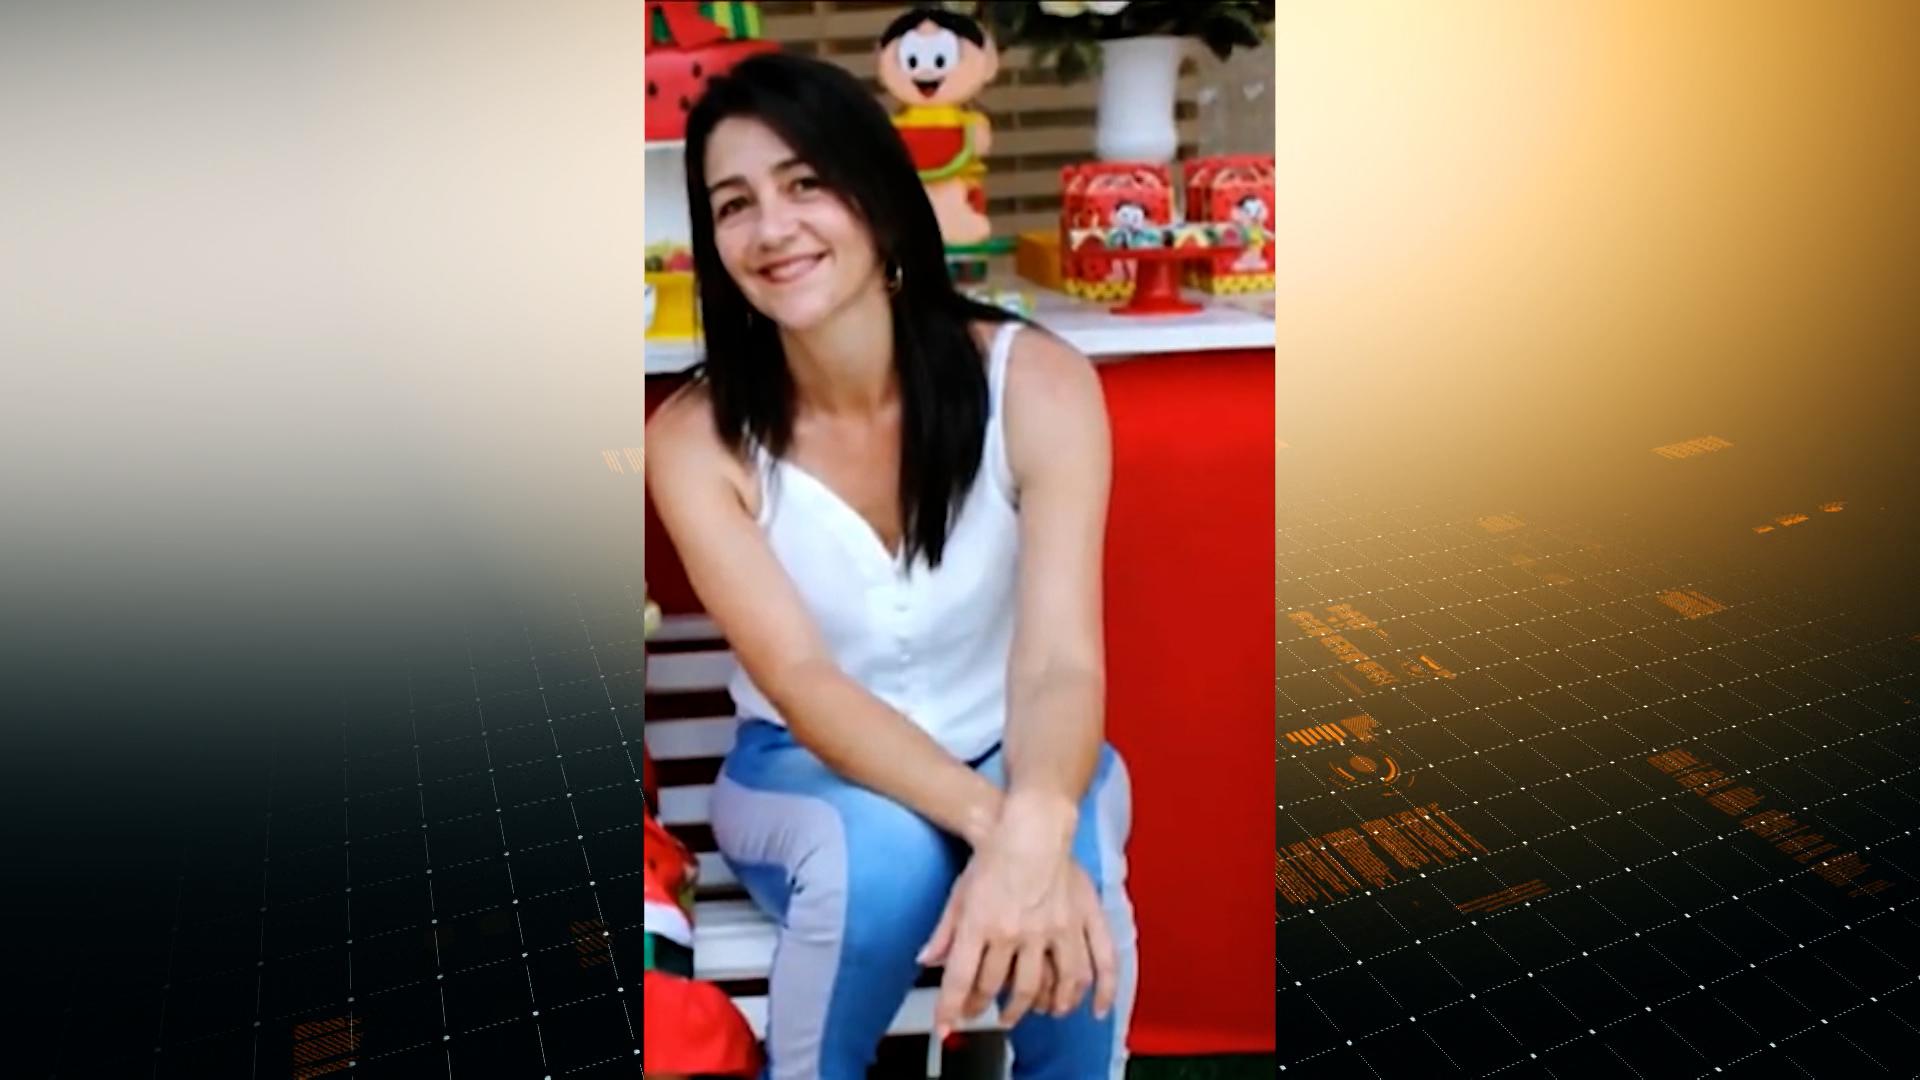 Caso Cristina: Corpo de mulher é encontrado após 6 meses